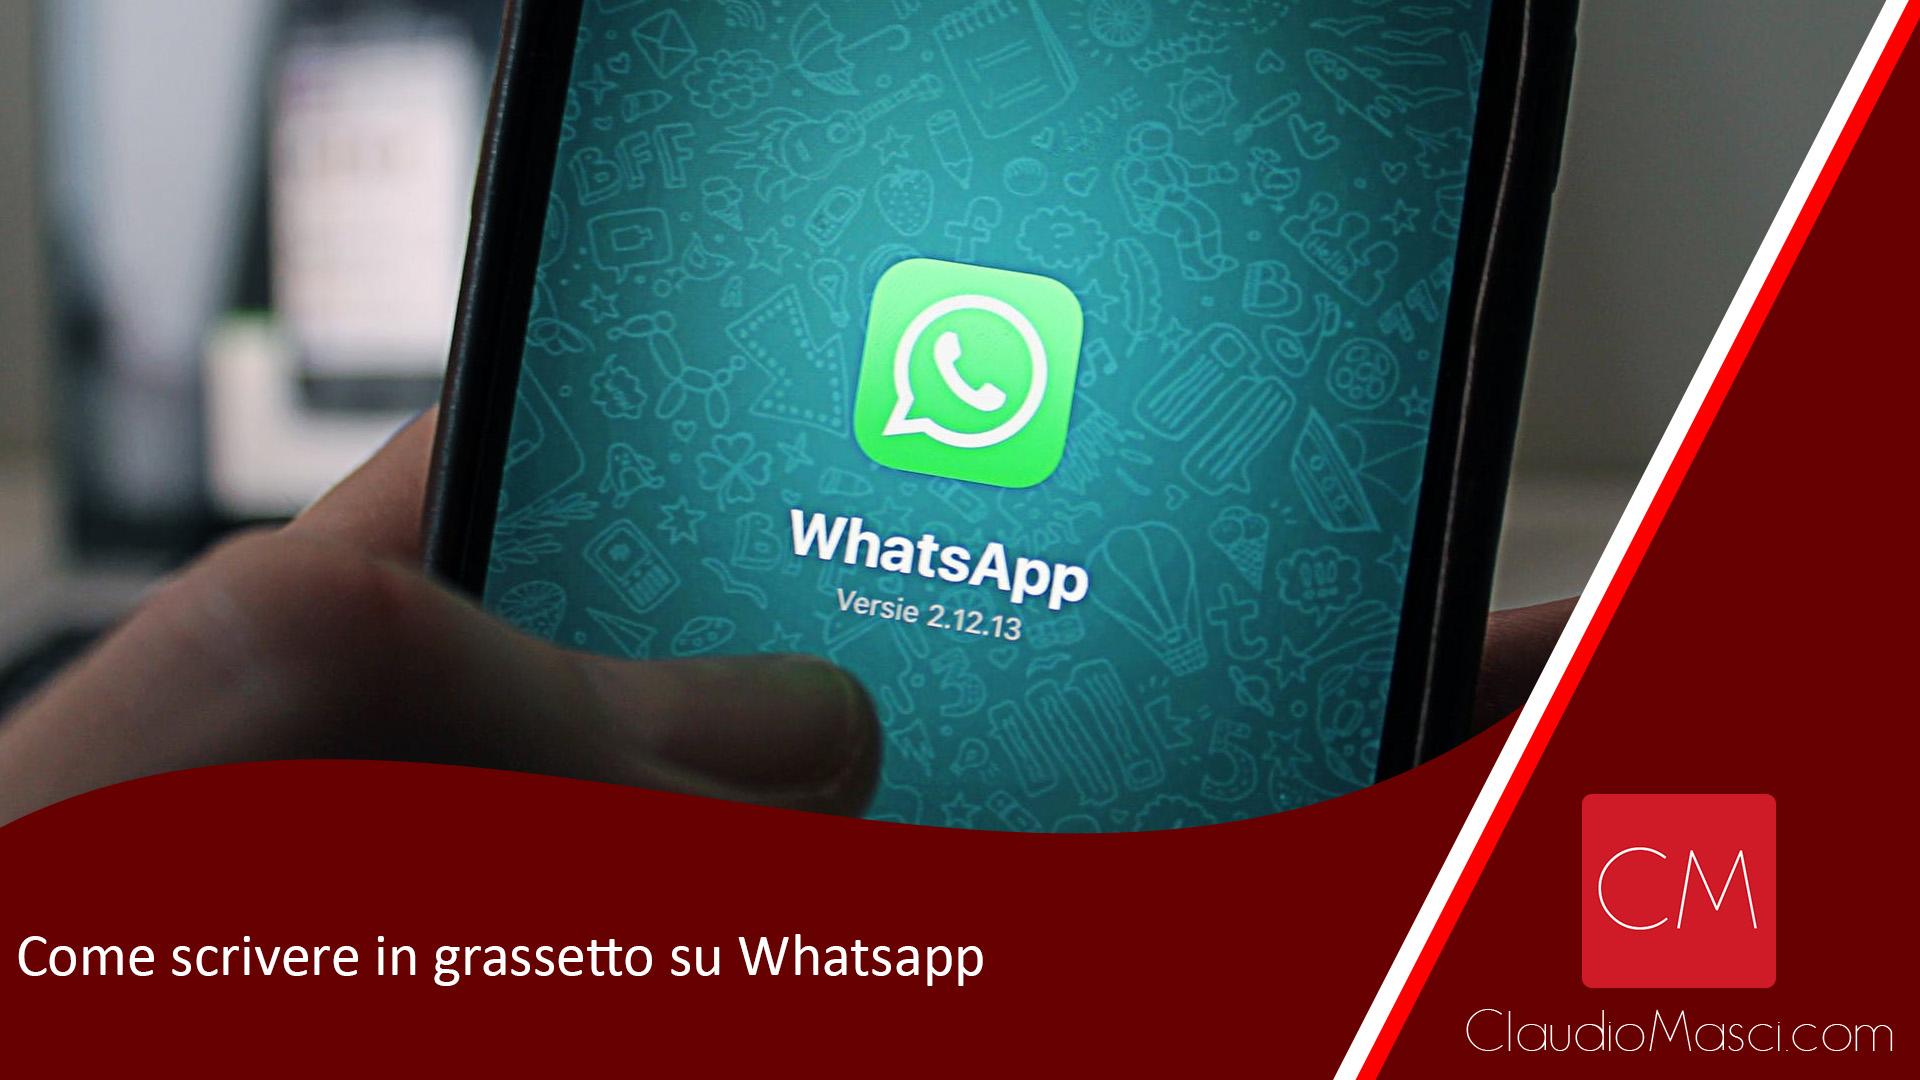 Come scrivere in grassetto su Whatsapp